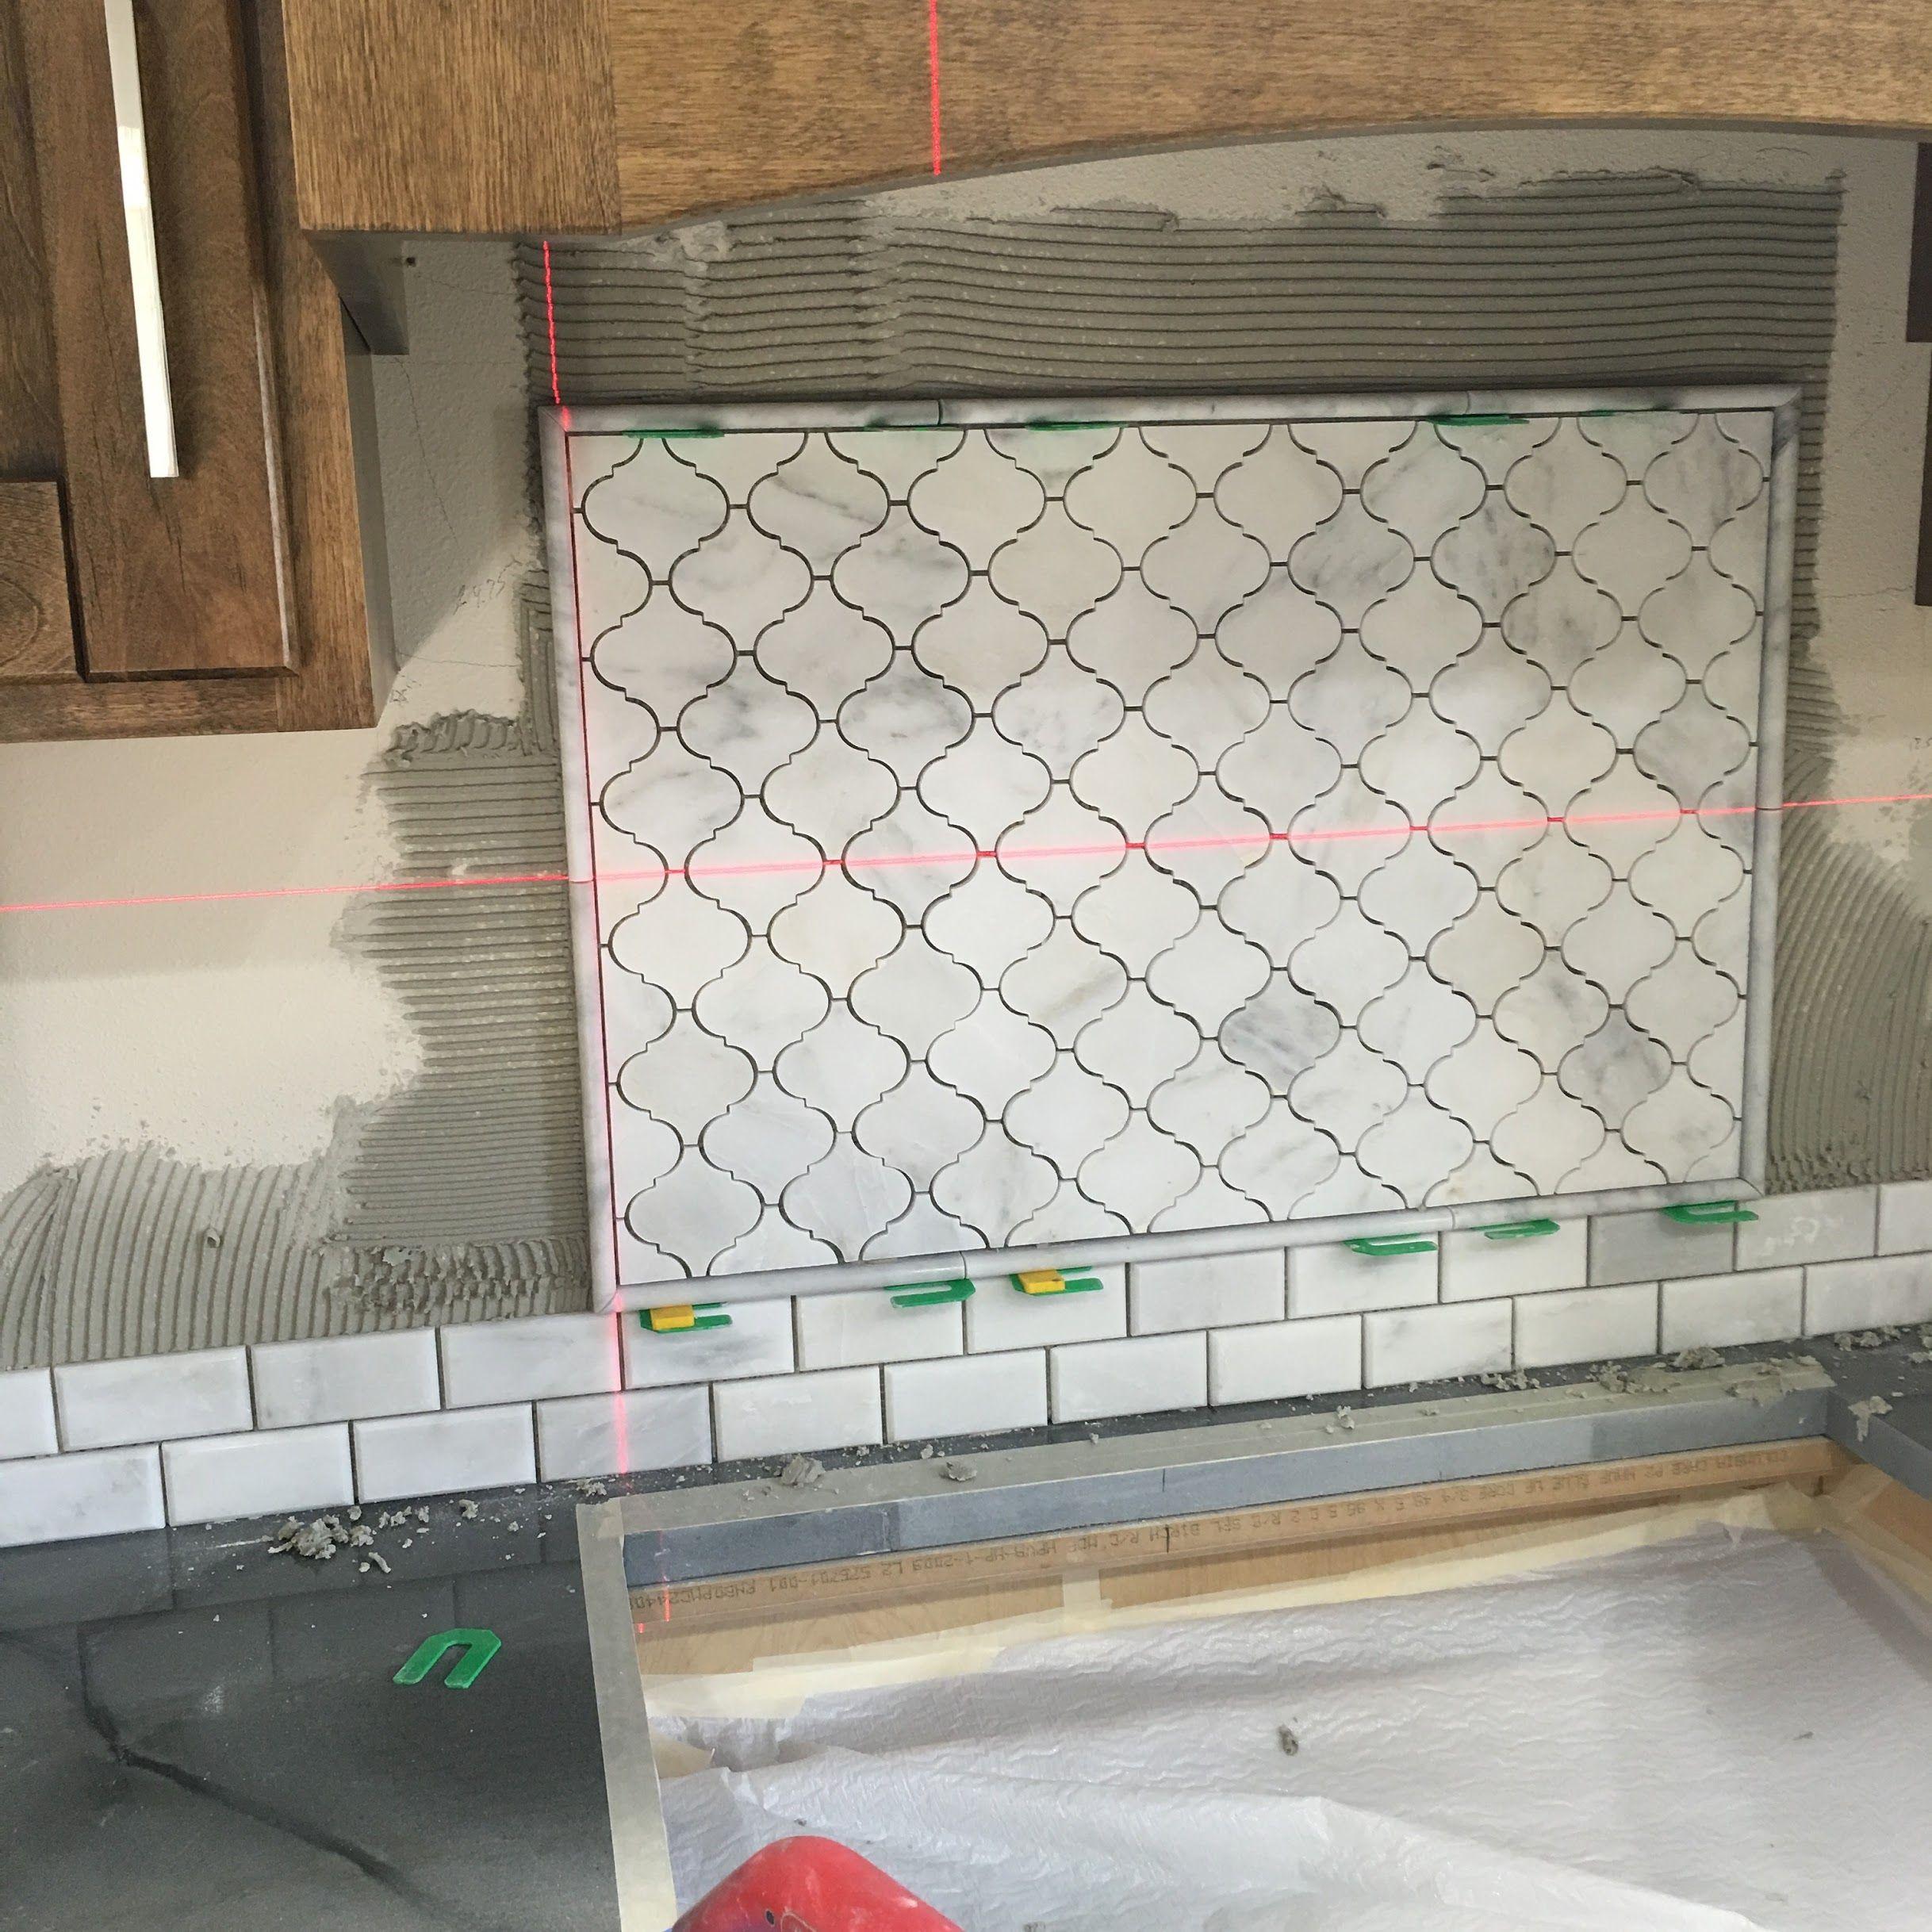 White marble kitchen backsplash 3 arabesque lantern inset above range venato carrara honed